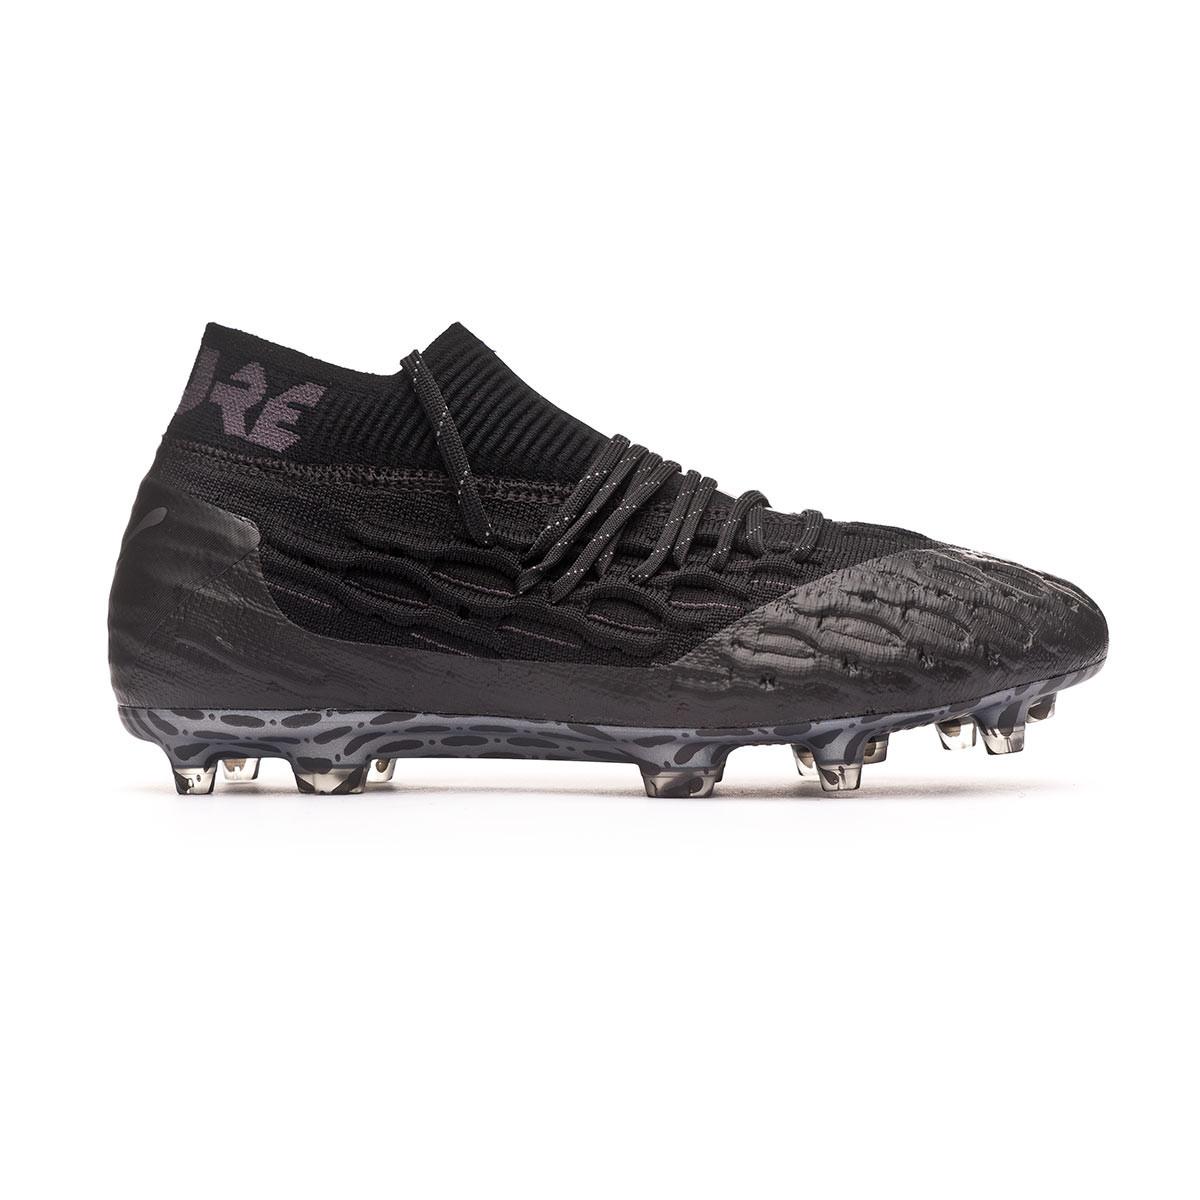 Puma Future 5.1 NETFIT FG/AG Football Boots